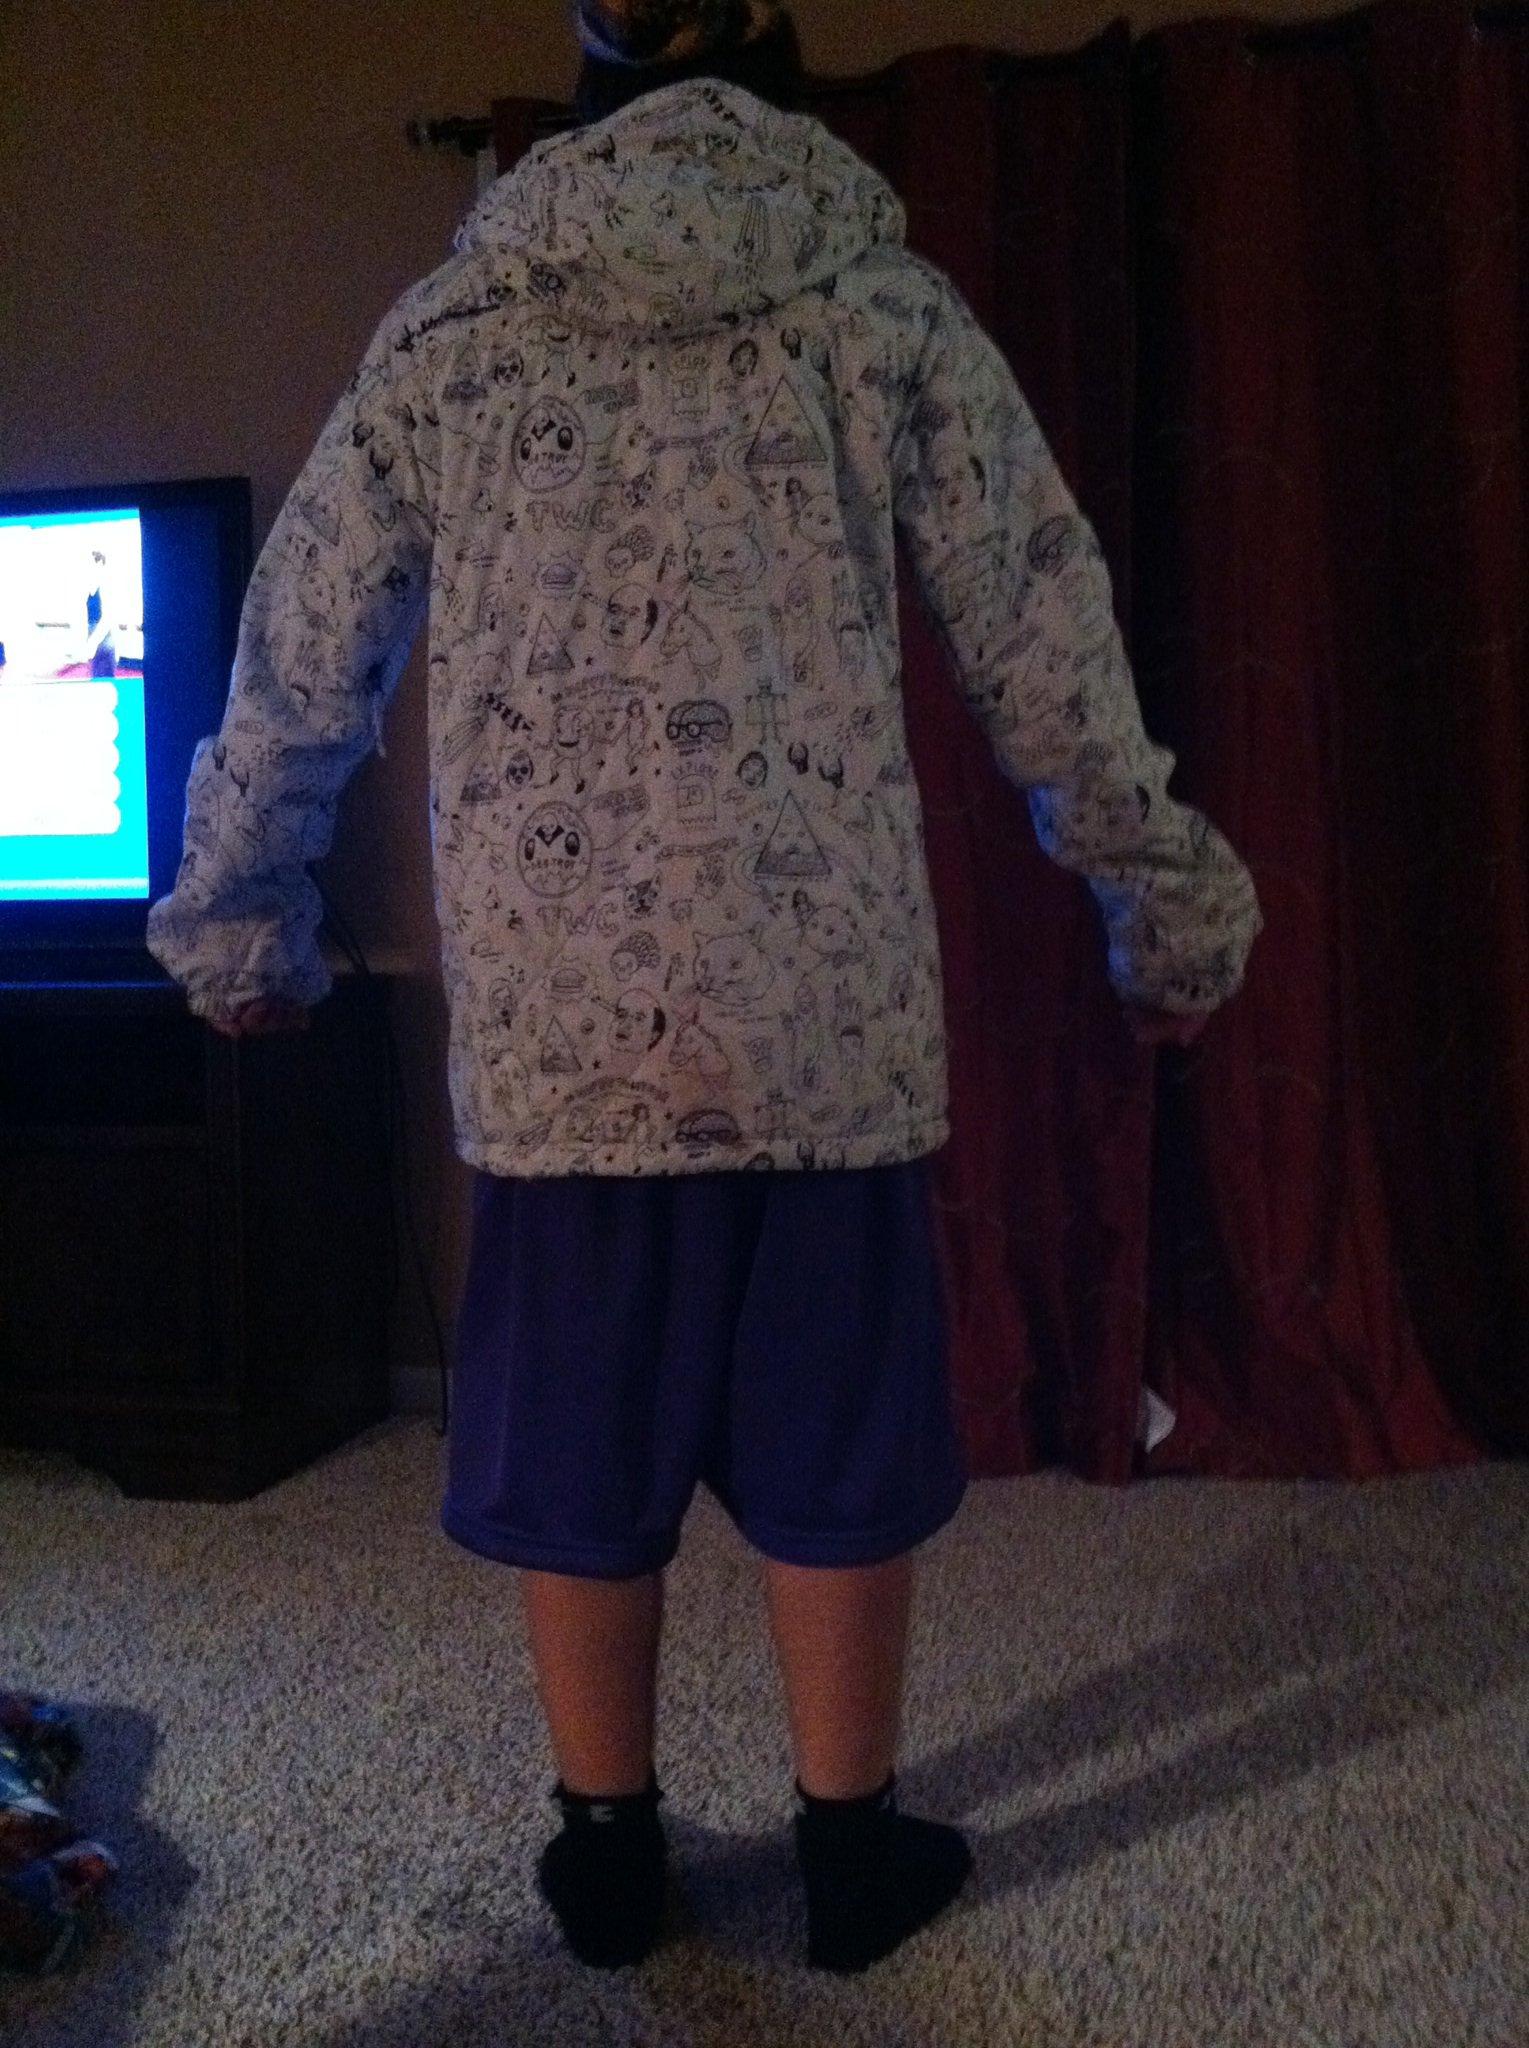 Back jacket